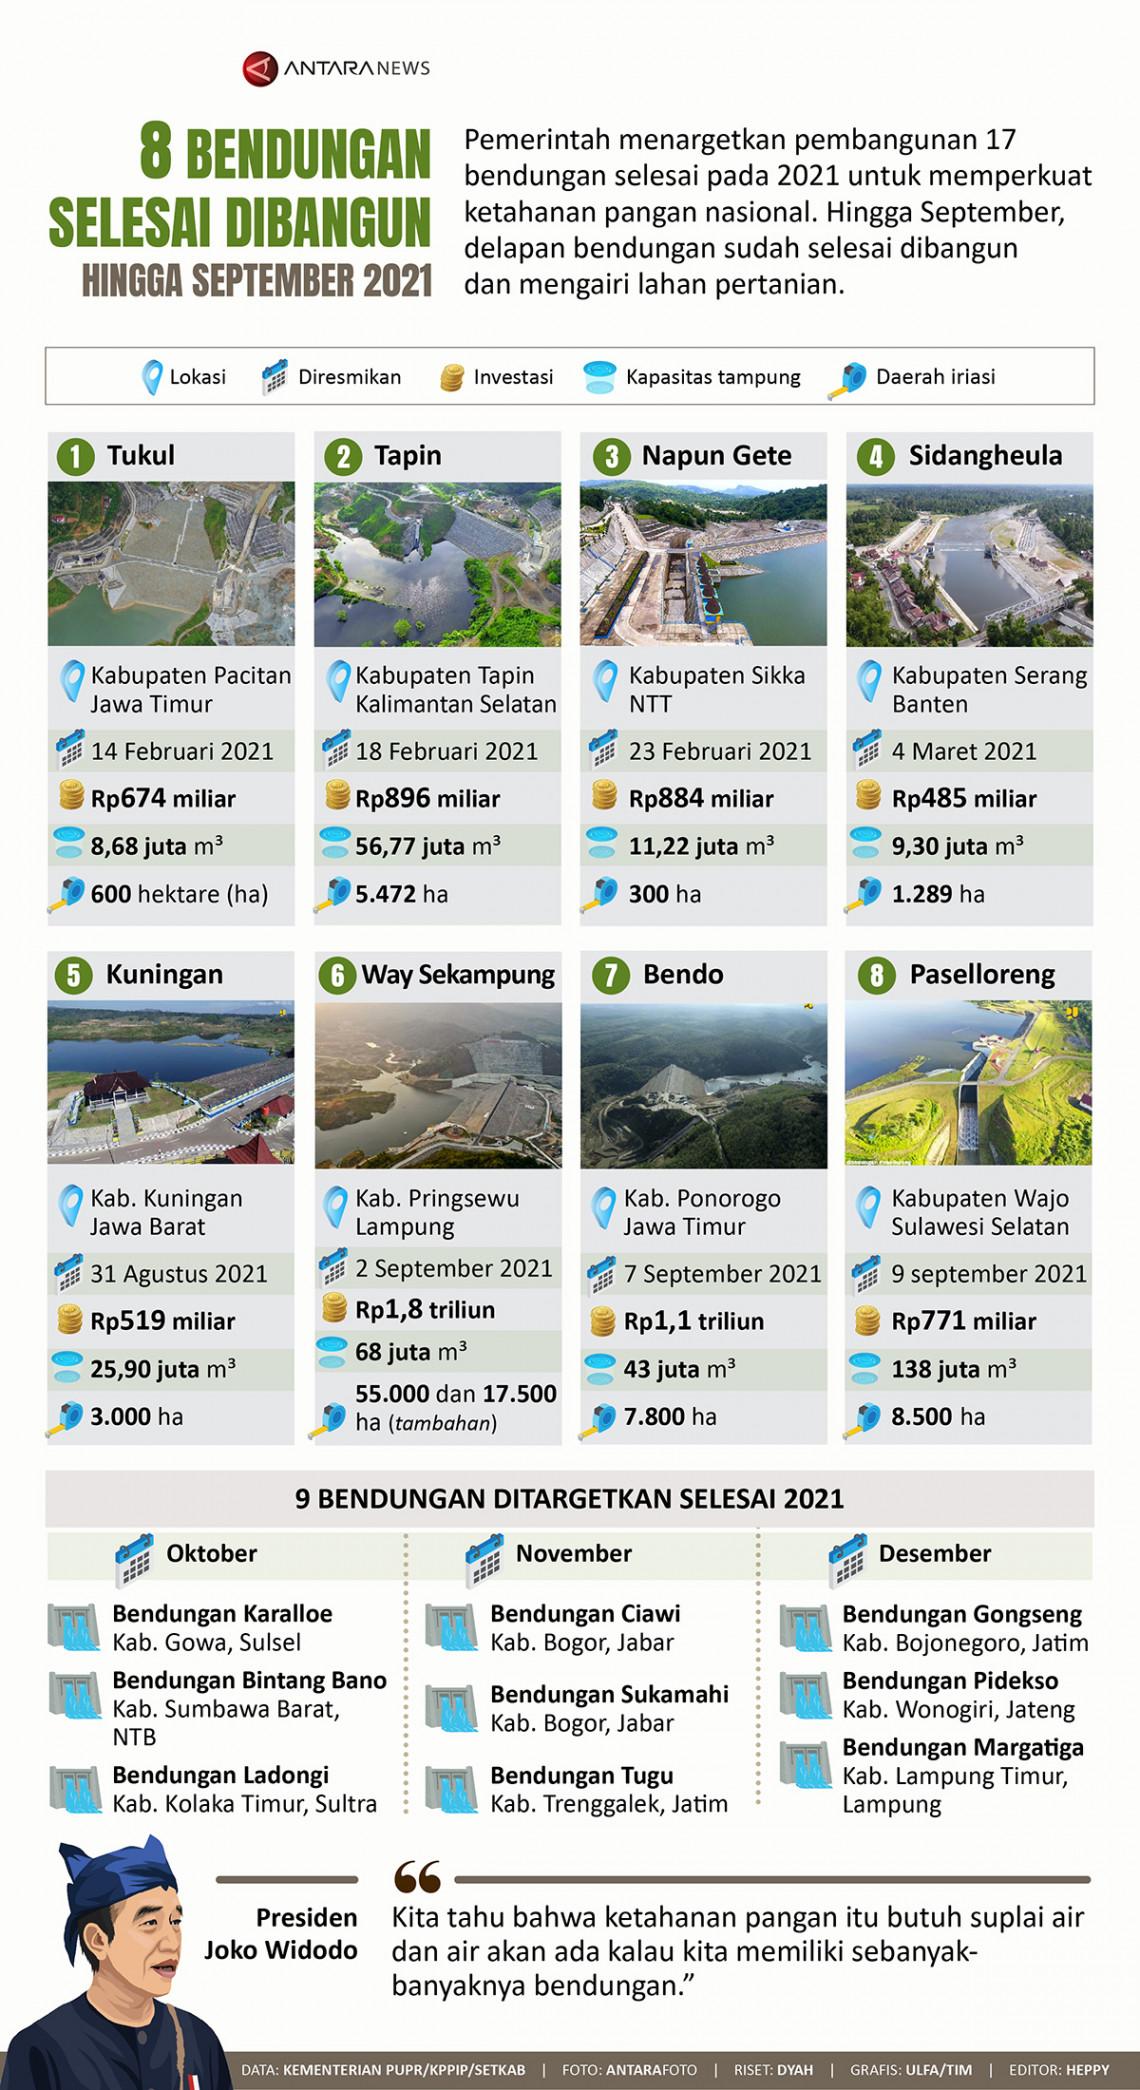 Delapan bendungan selesai dibangun hingga September 2021